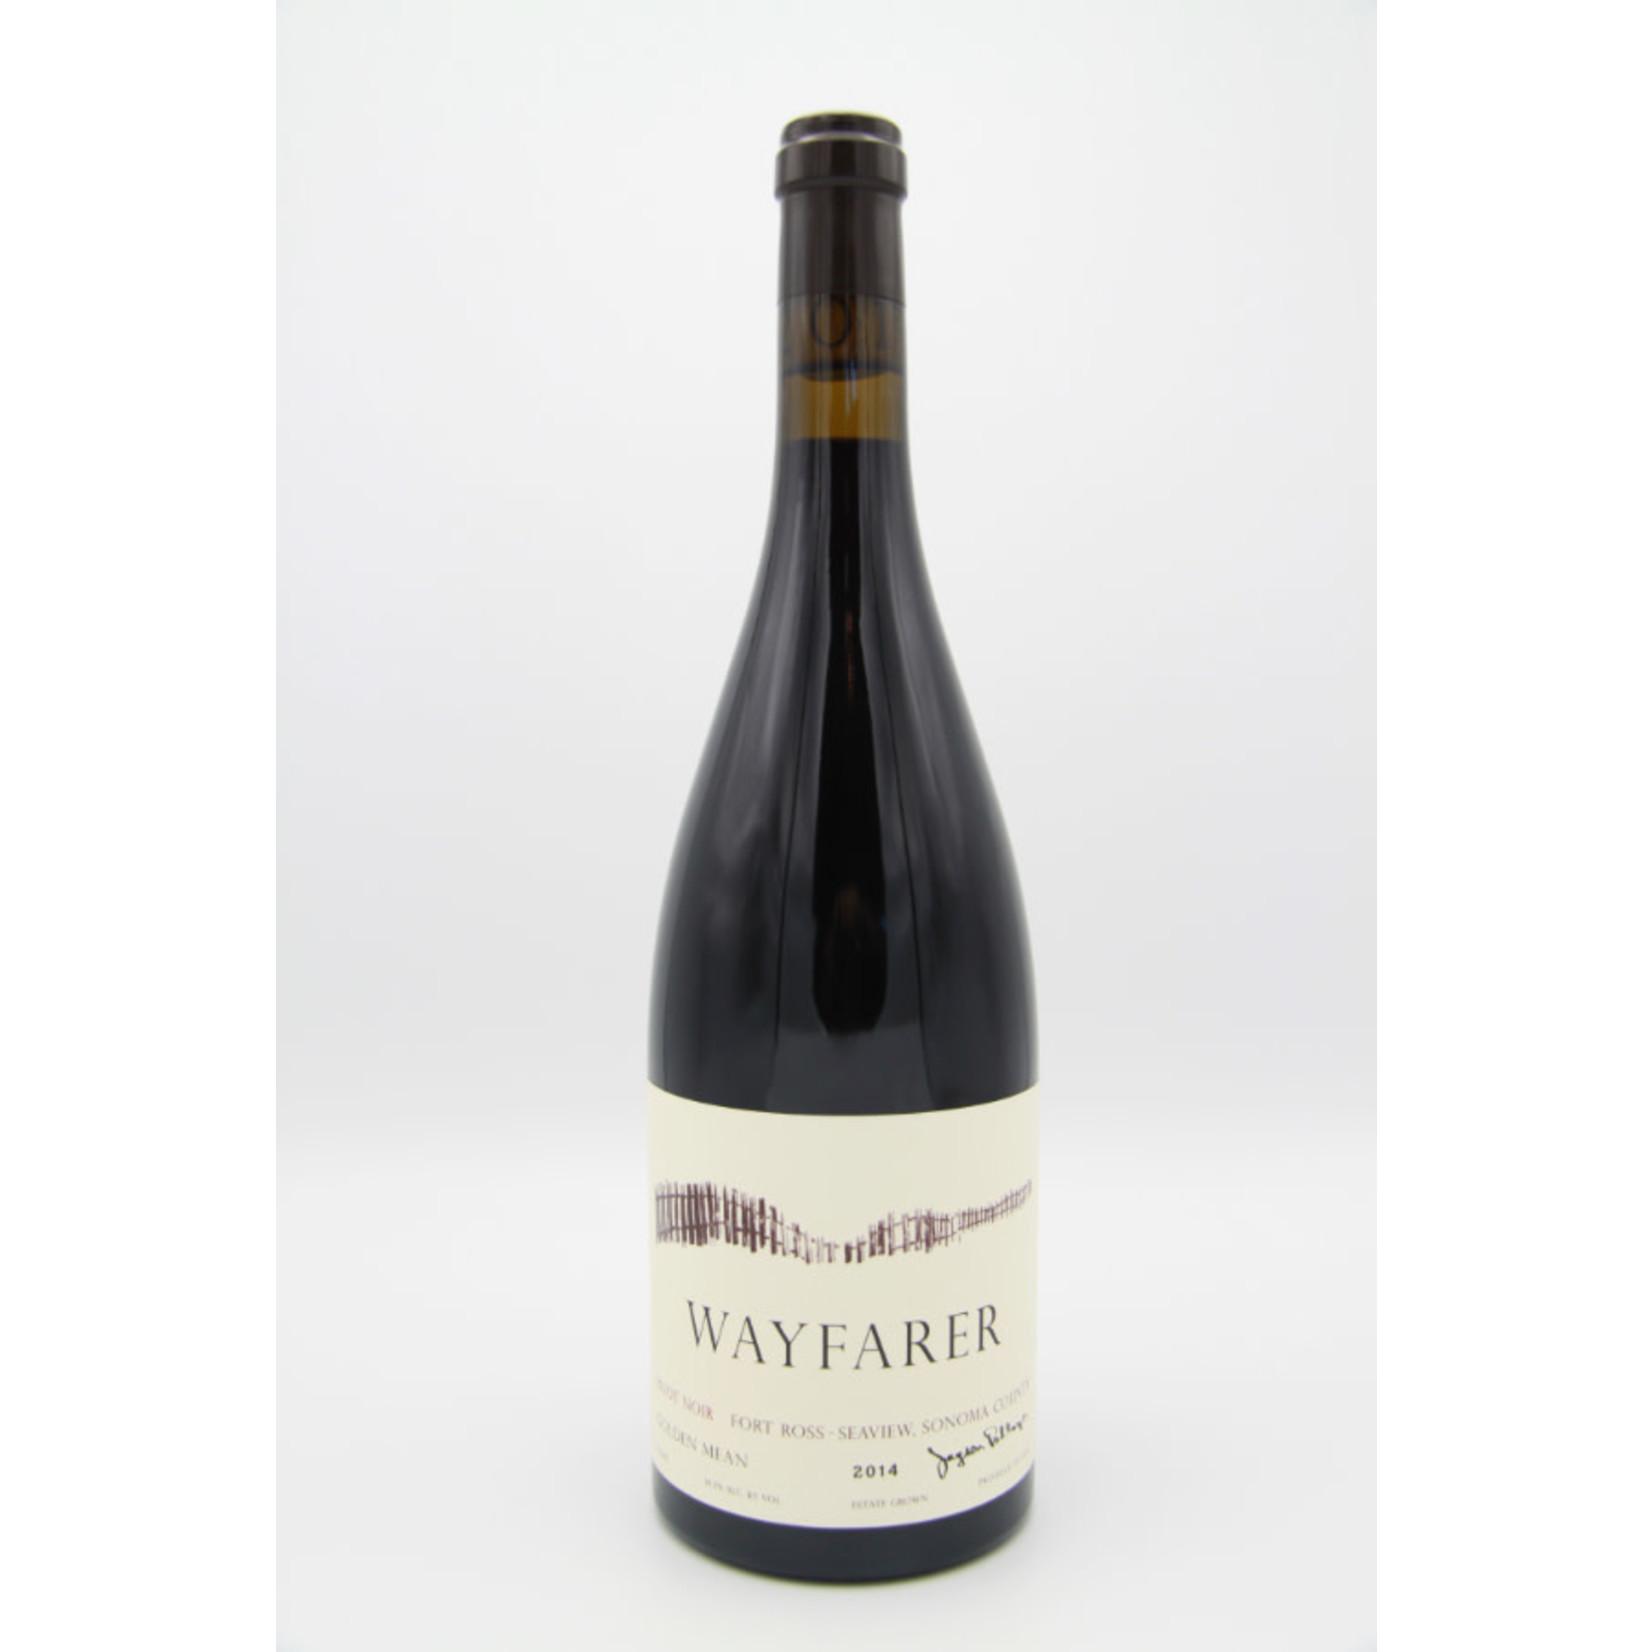 2014 Wayfarer 'Golden Mean' Pinot Noir